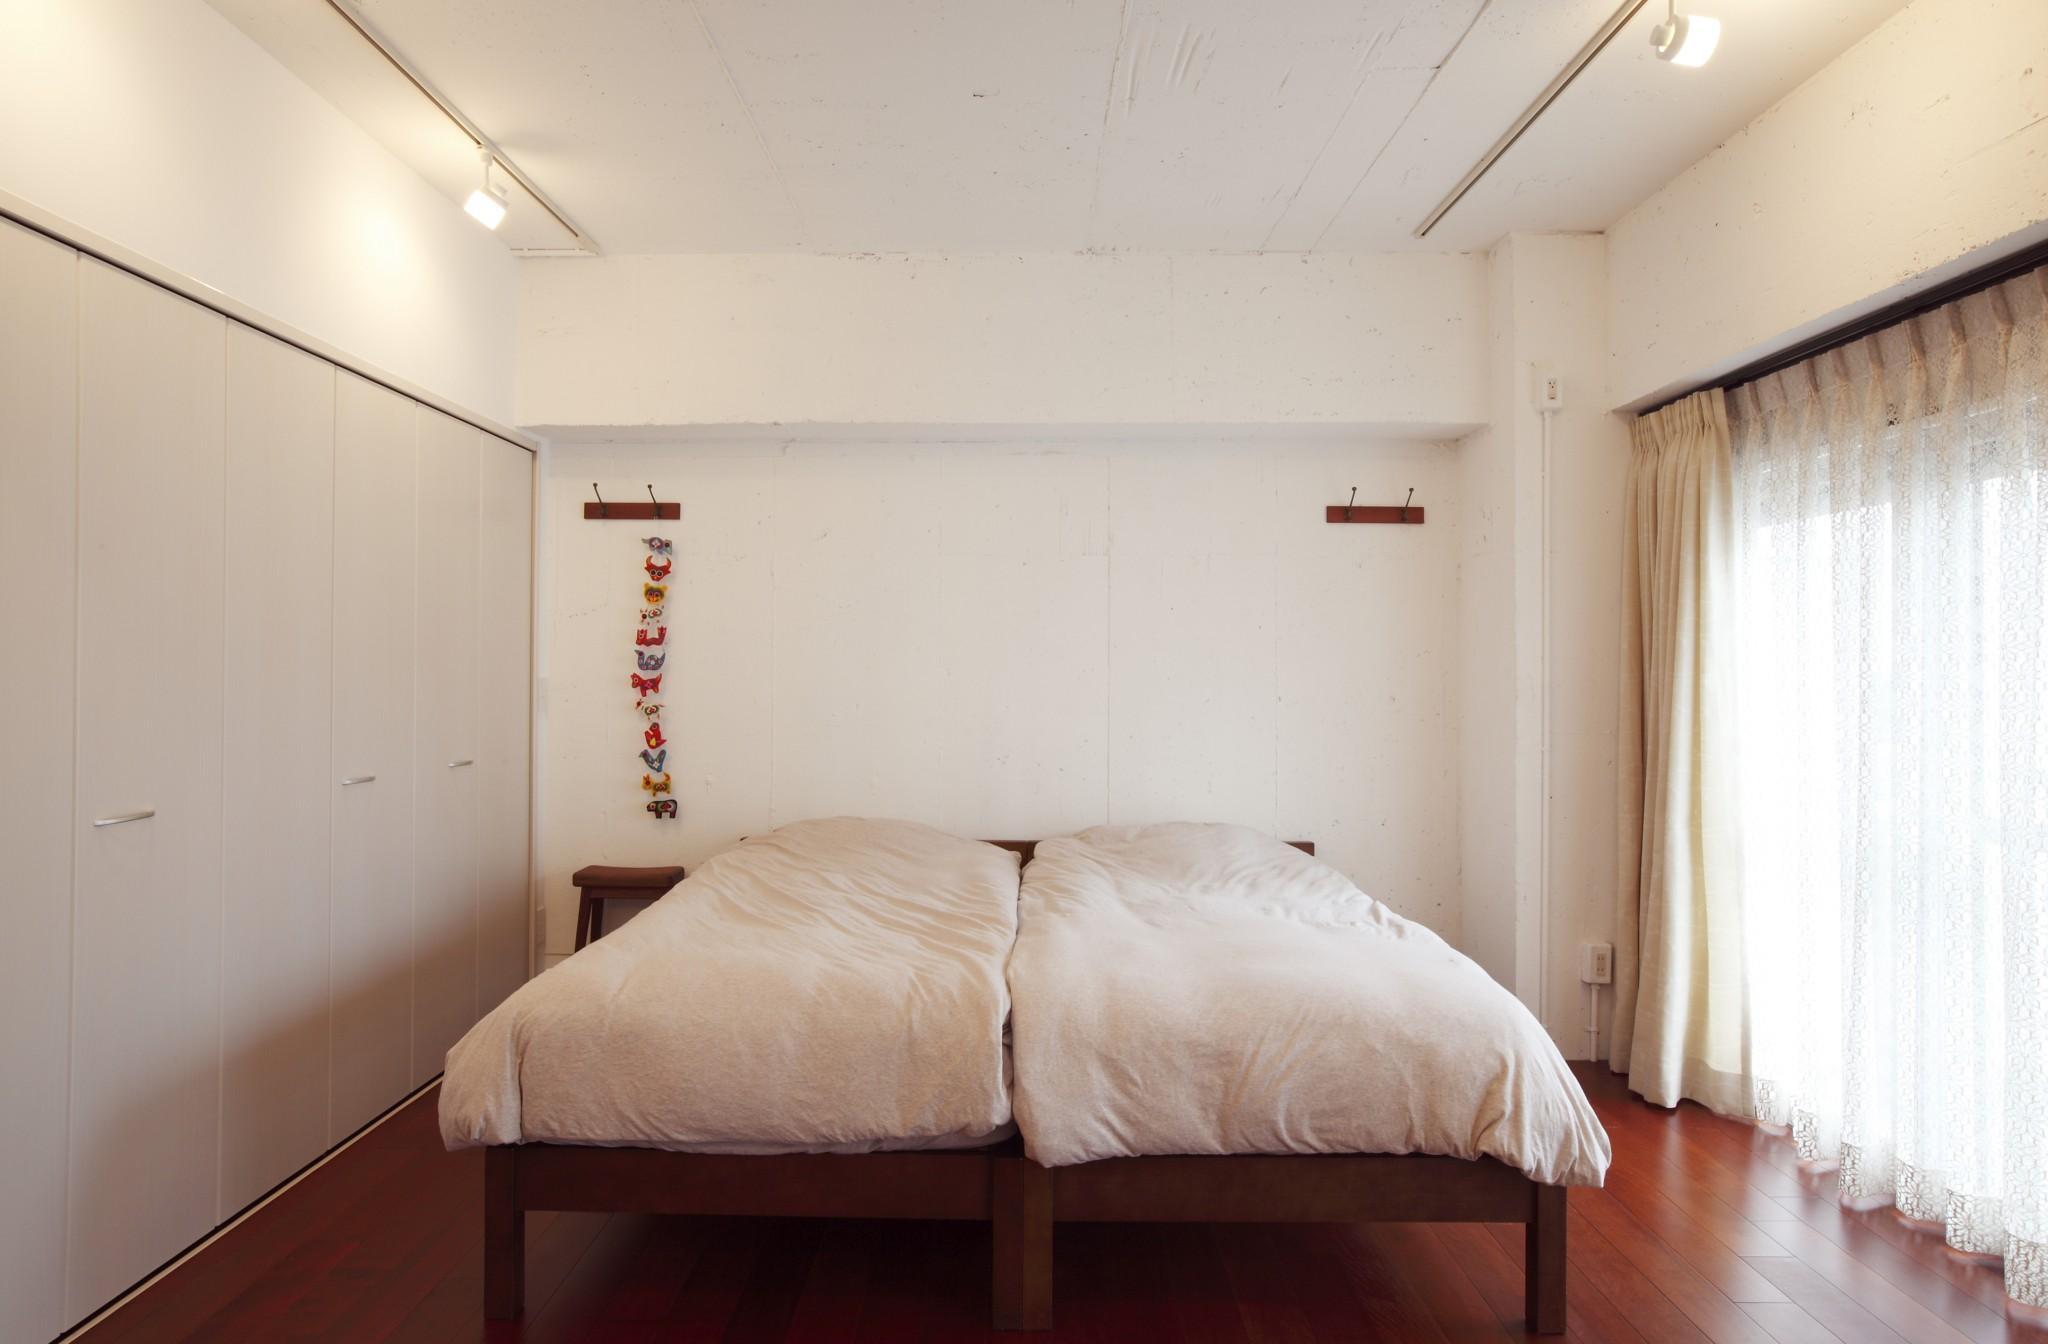 寝室、ベッドルーム、壁収納、クロゼット、マンションリノベーション、スケルトン、リノベーション東京